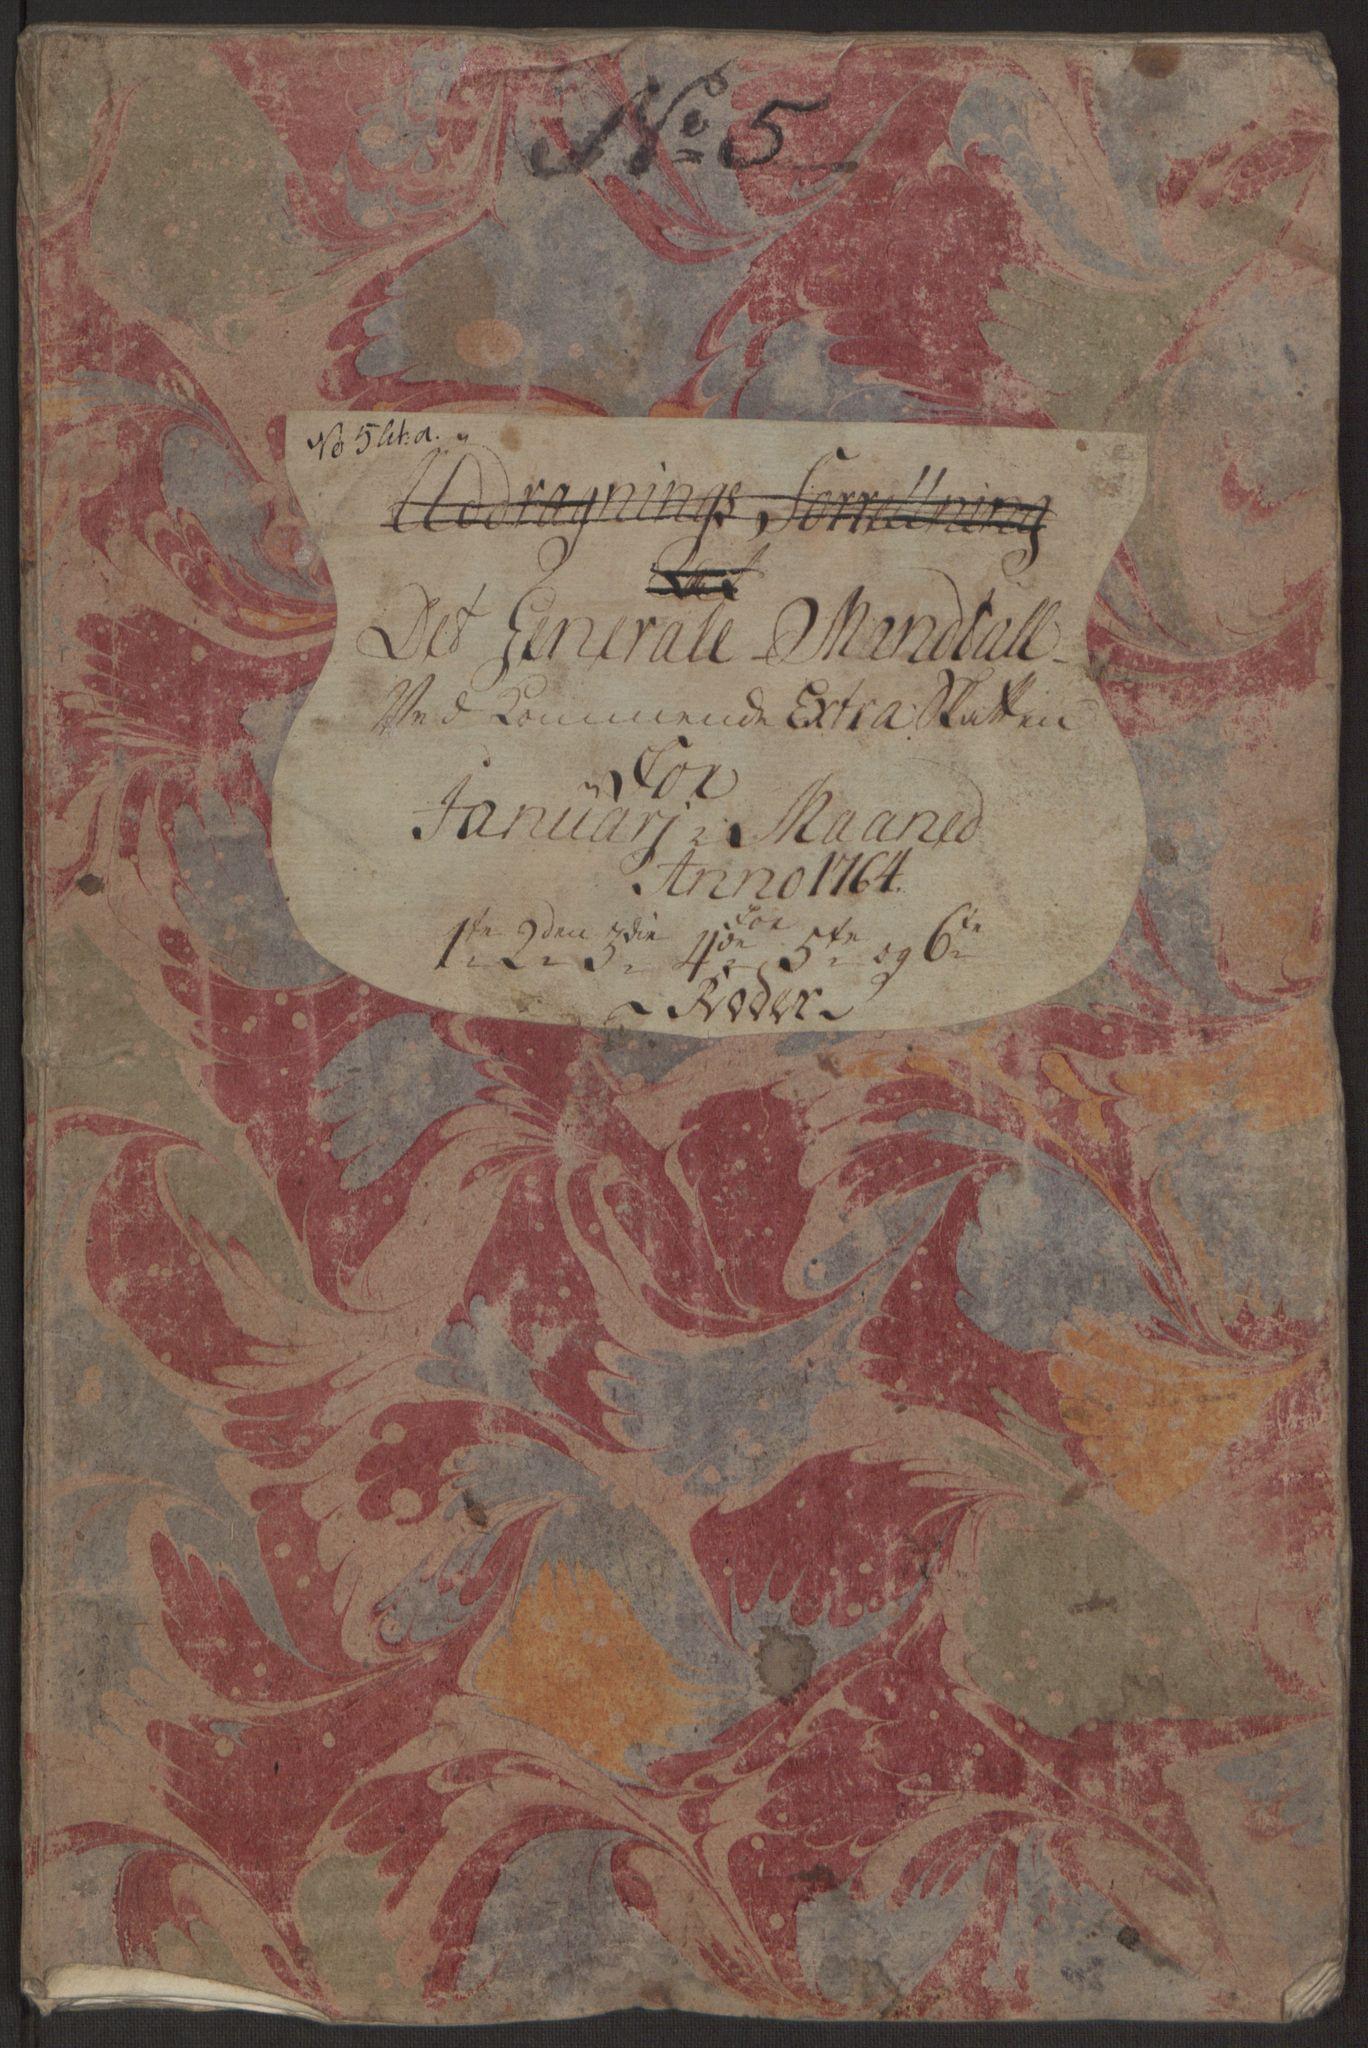 RA, Rentekammeret inntil 1814, Reviderte regnskaper, Byregnskaper, R/Rp/L0367: [P21] Kontribusjonsregnskap, 1764, s. 54